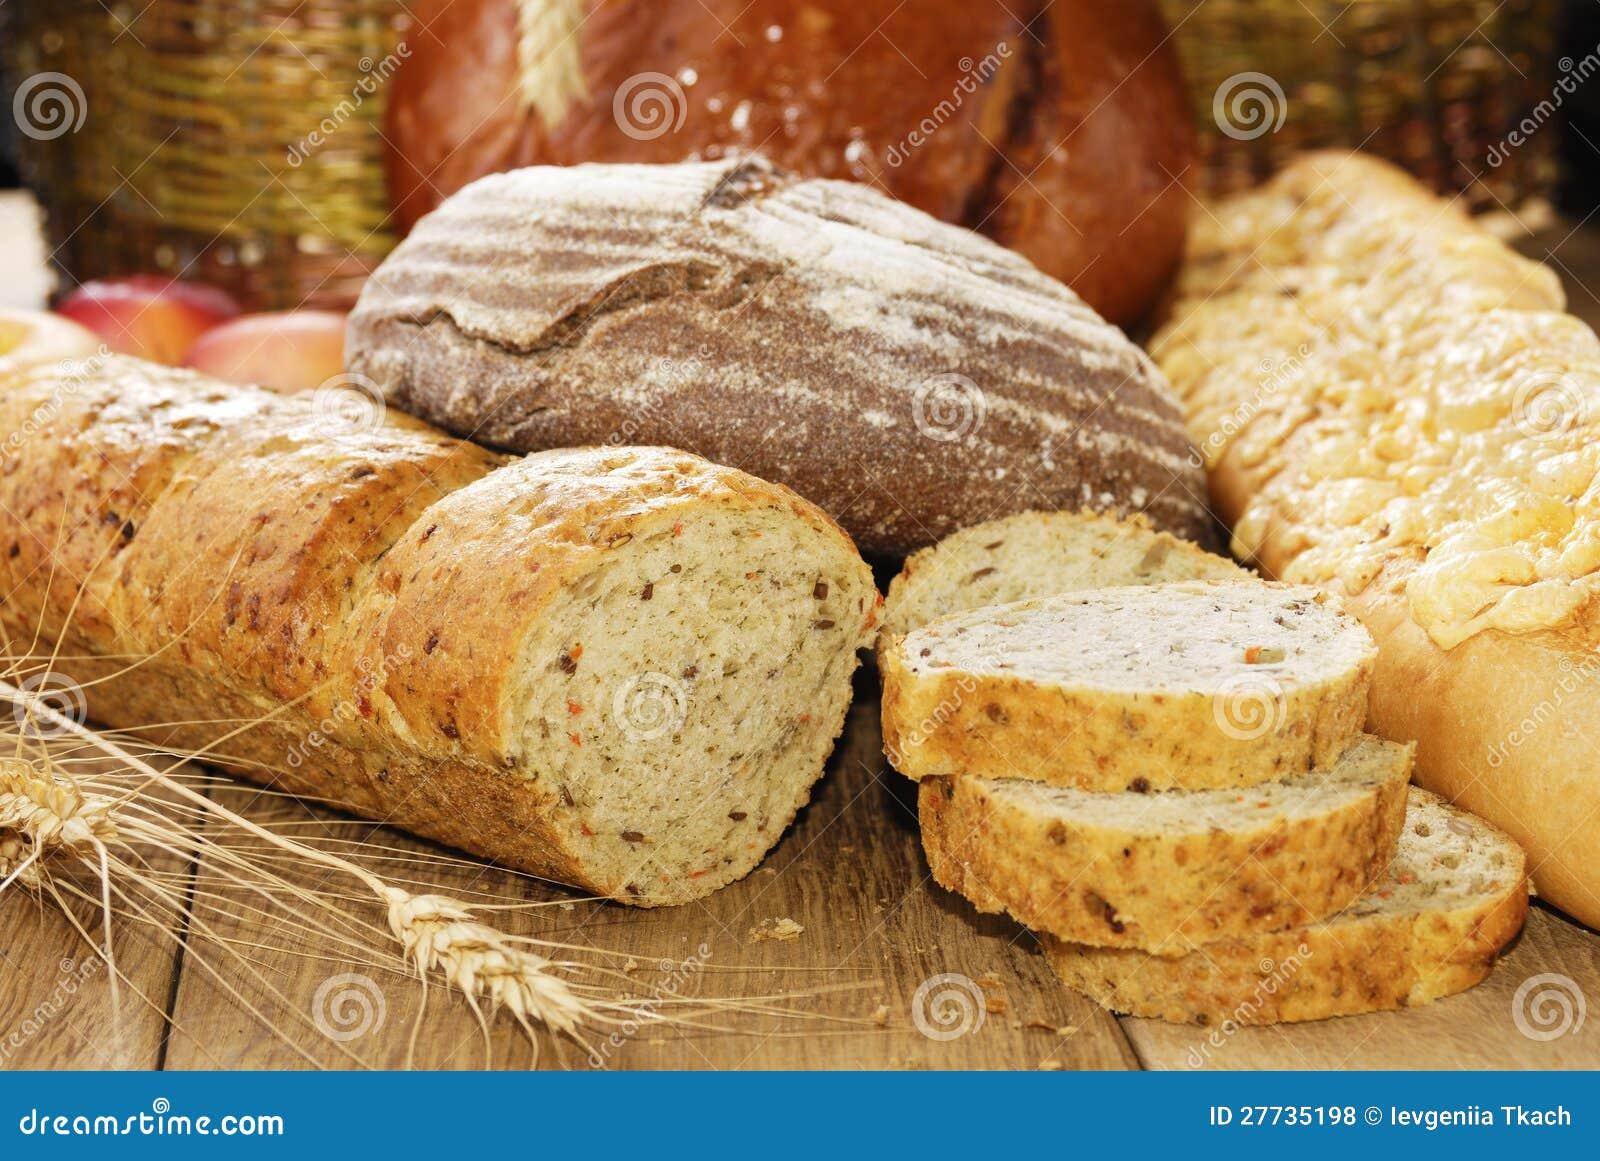 Verschiedene Arten des Brotes